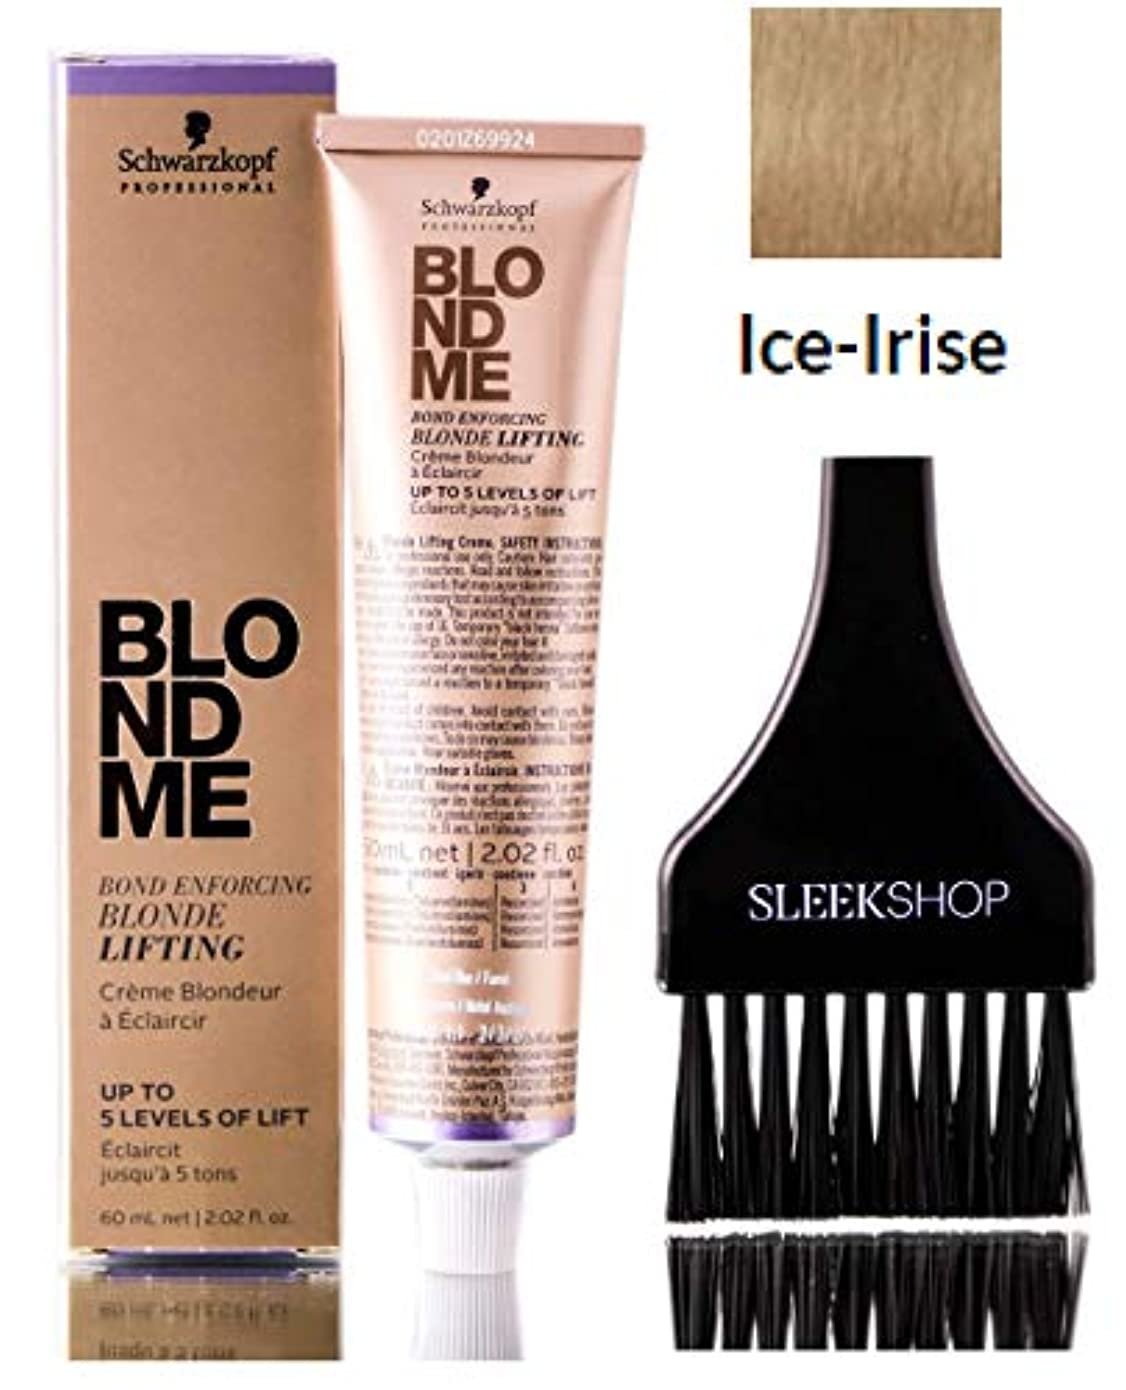 タイル新聞ファシズムSchwarzkopf BLOND MEボンド施行ブロンドリフト、リフトの髪の色の5つのレベルまで(なめらかな色合いアプリケーターブラシ付き)Blondmeヘアカラー(氷 IRISE)